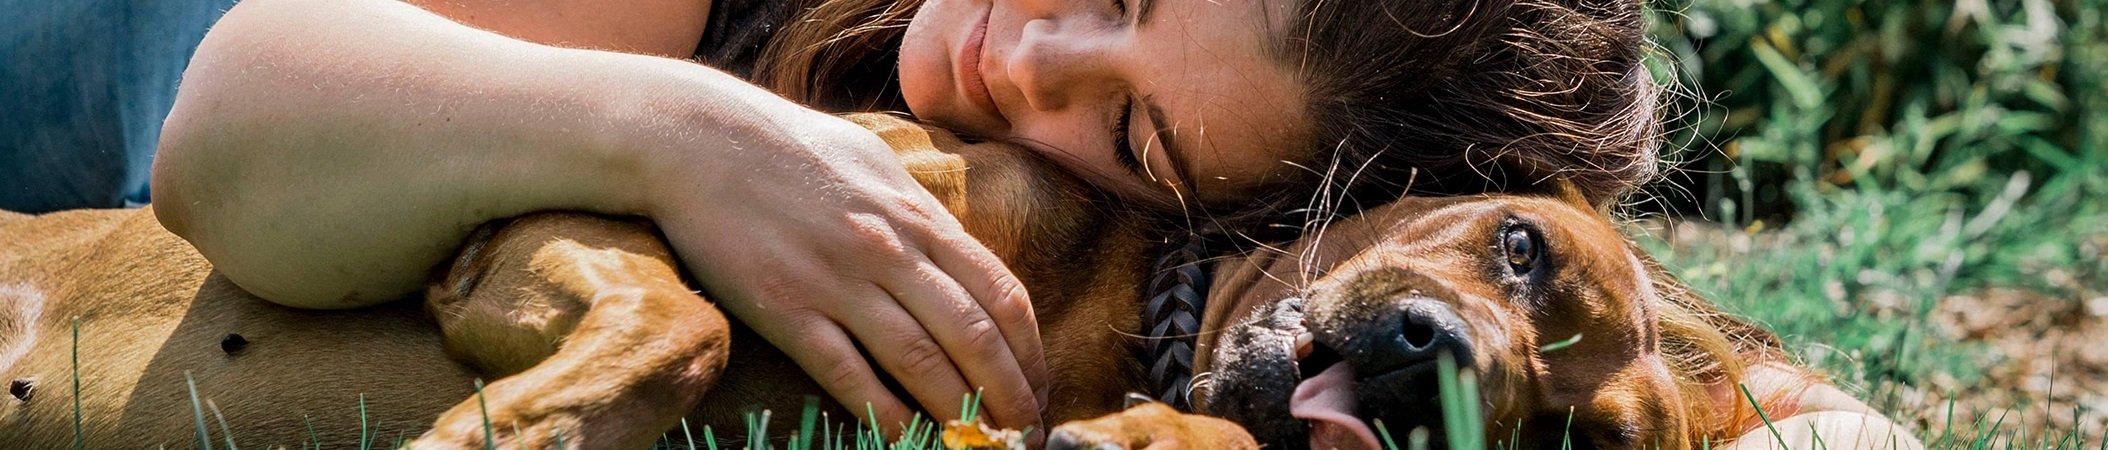 knuffelen-met-hond